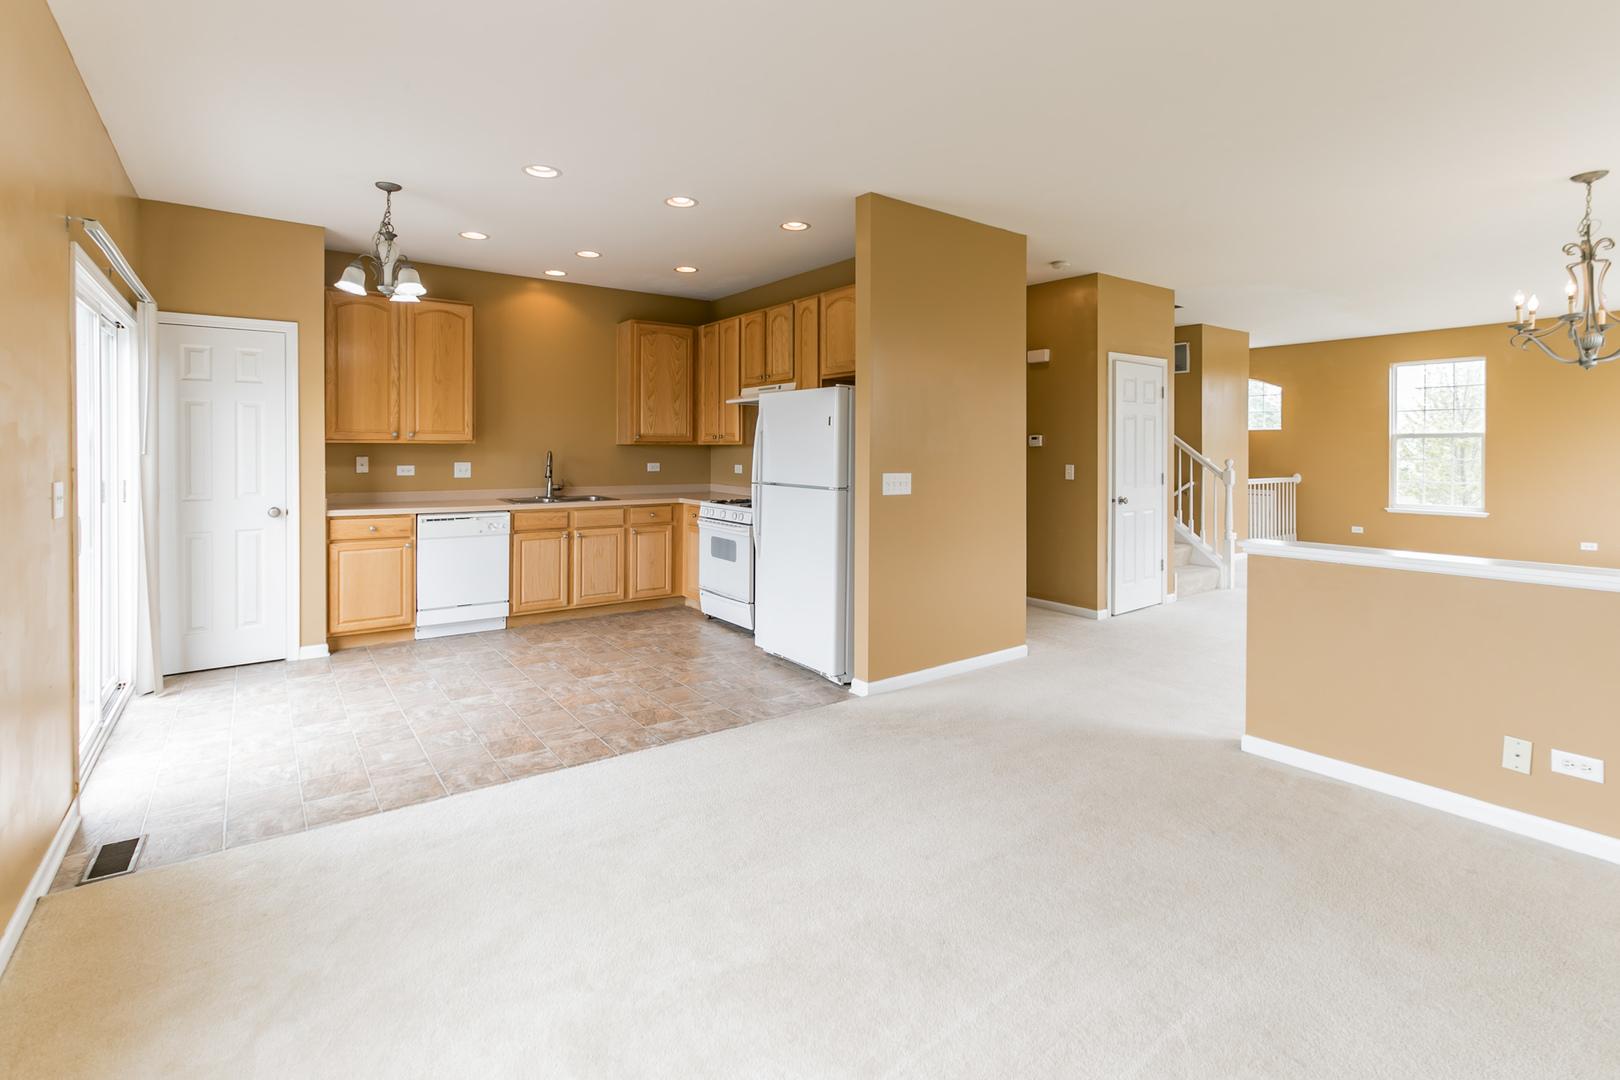 4281 Drexel, AURORA, Illinois, 60504